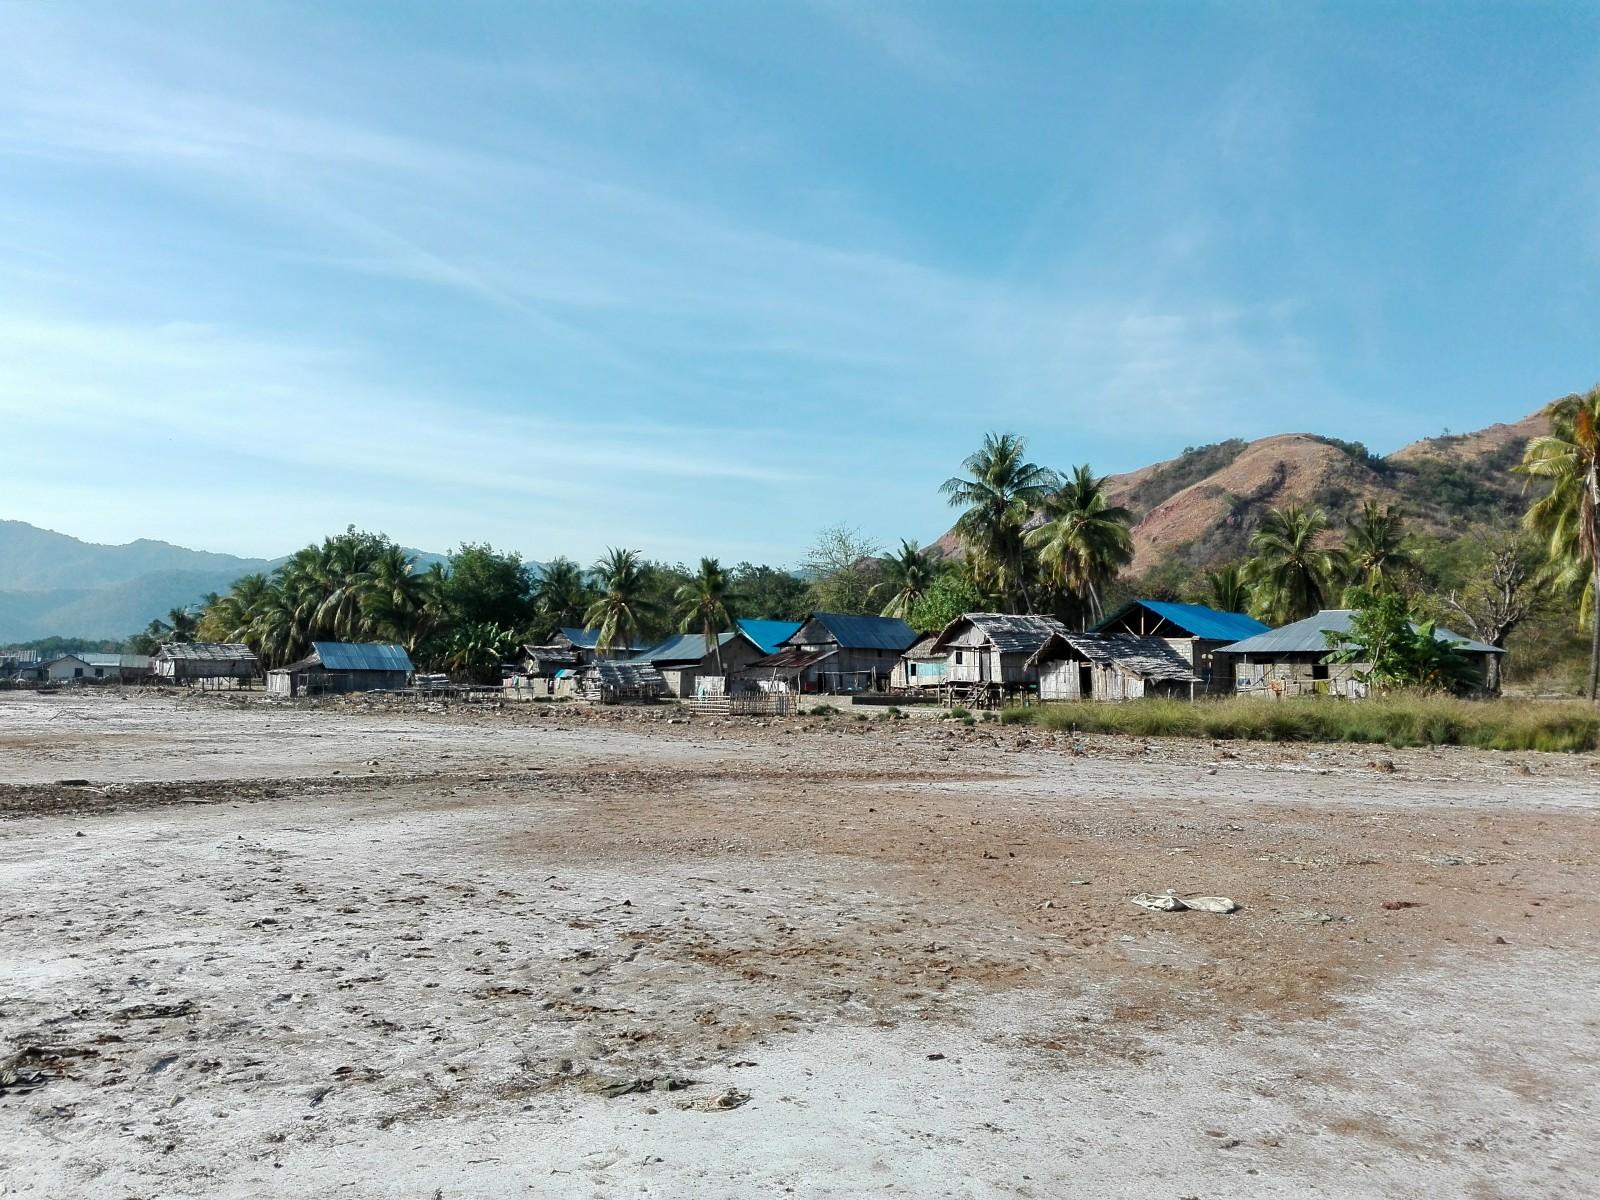 Villaggio pescatori